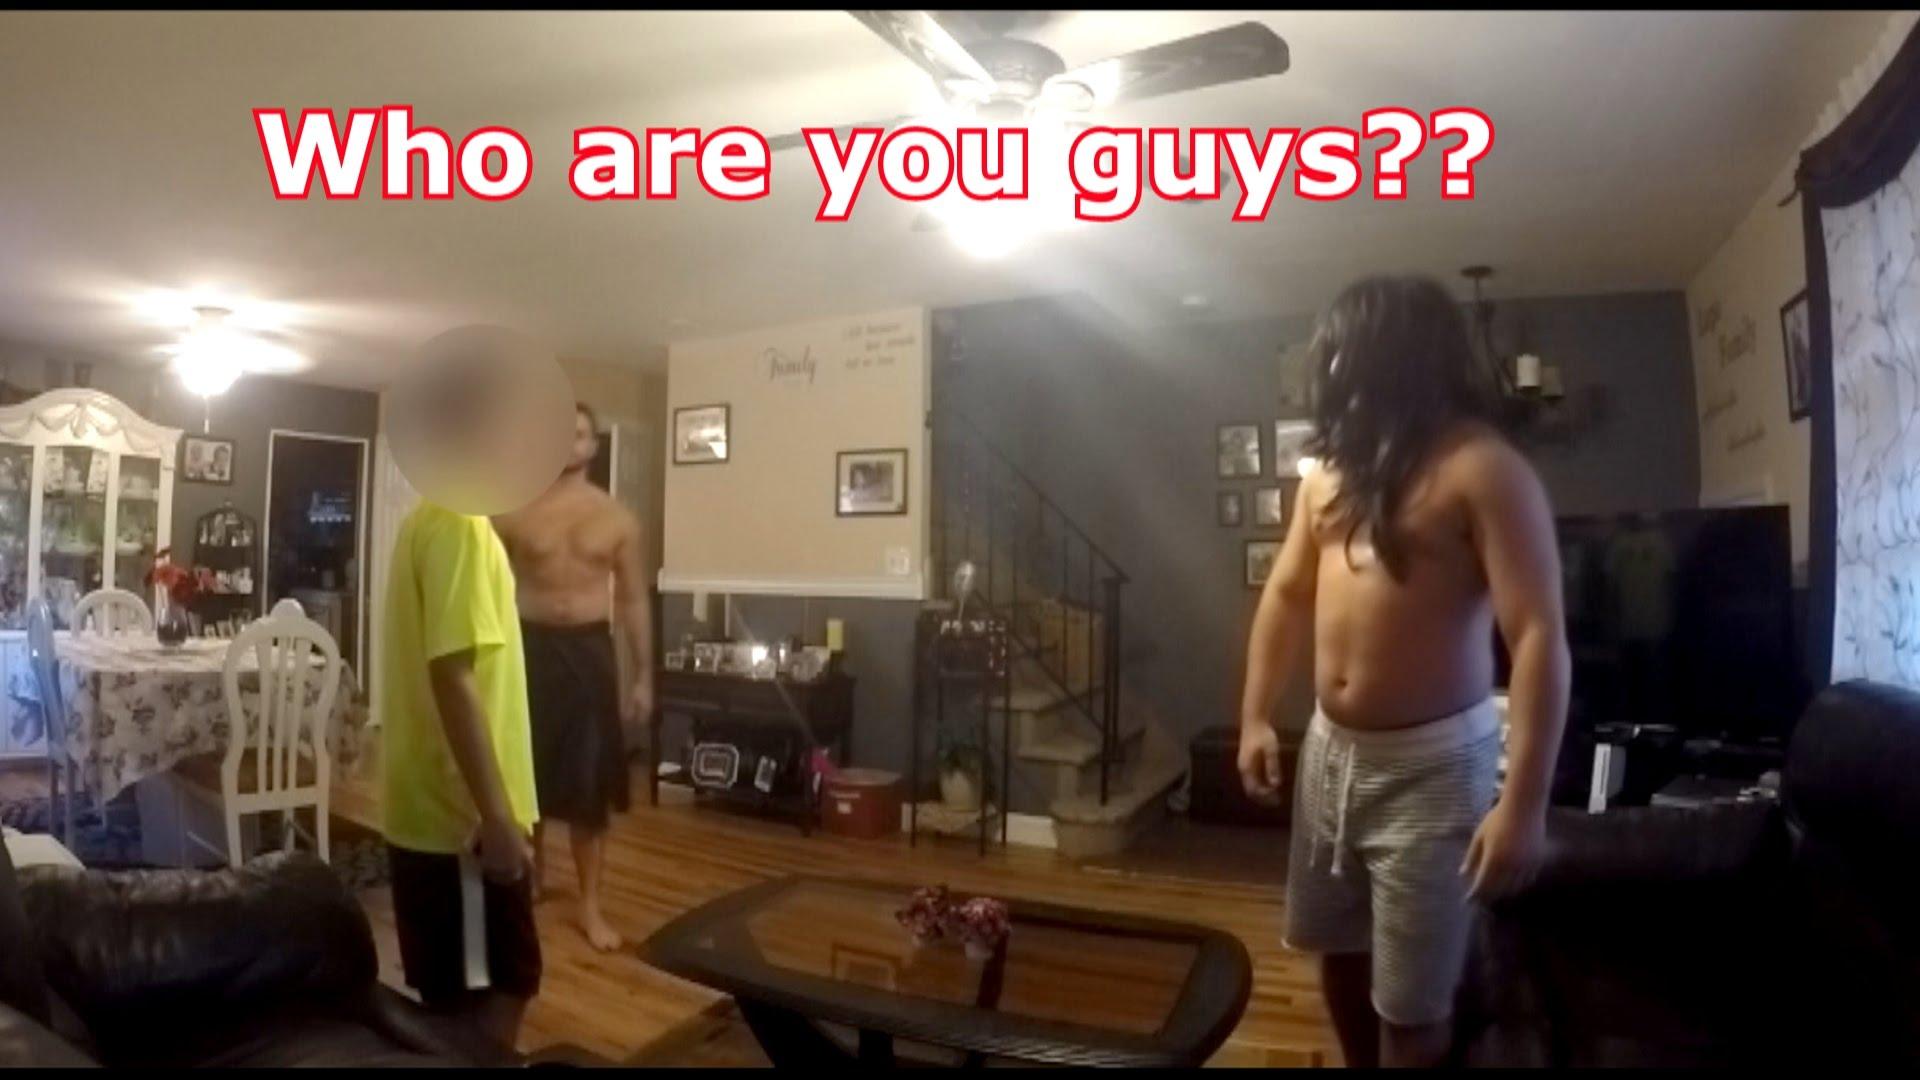 Δύο «ζώα» ετοιμάζονται να βιάσουν ένα αγόρι που «ψάρεψαν» στο Facebook! Όταν μπαίνει η μαμά του στο Δωμάτιο…